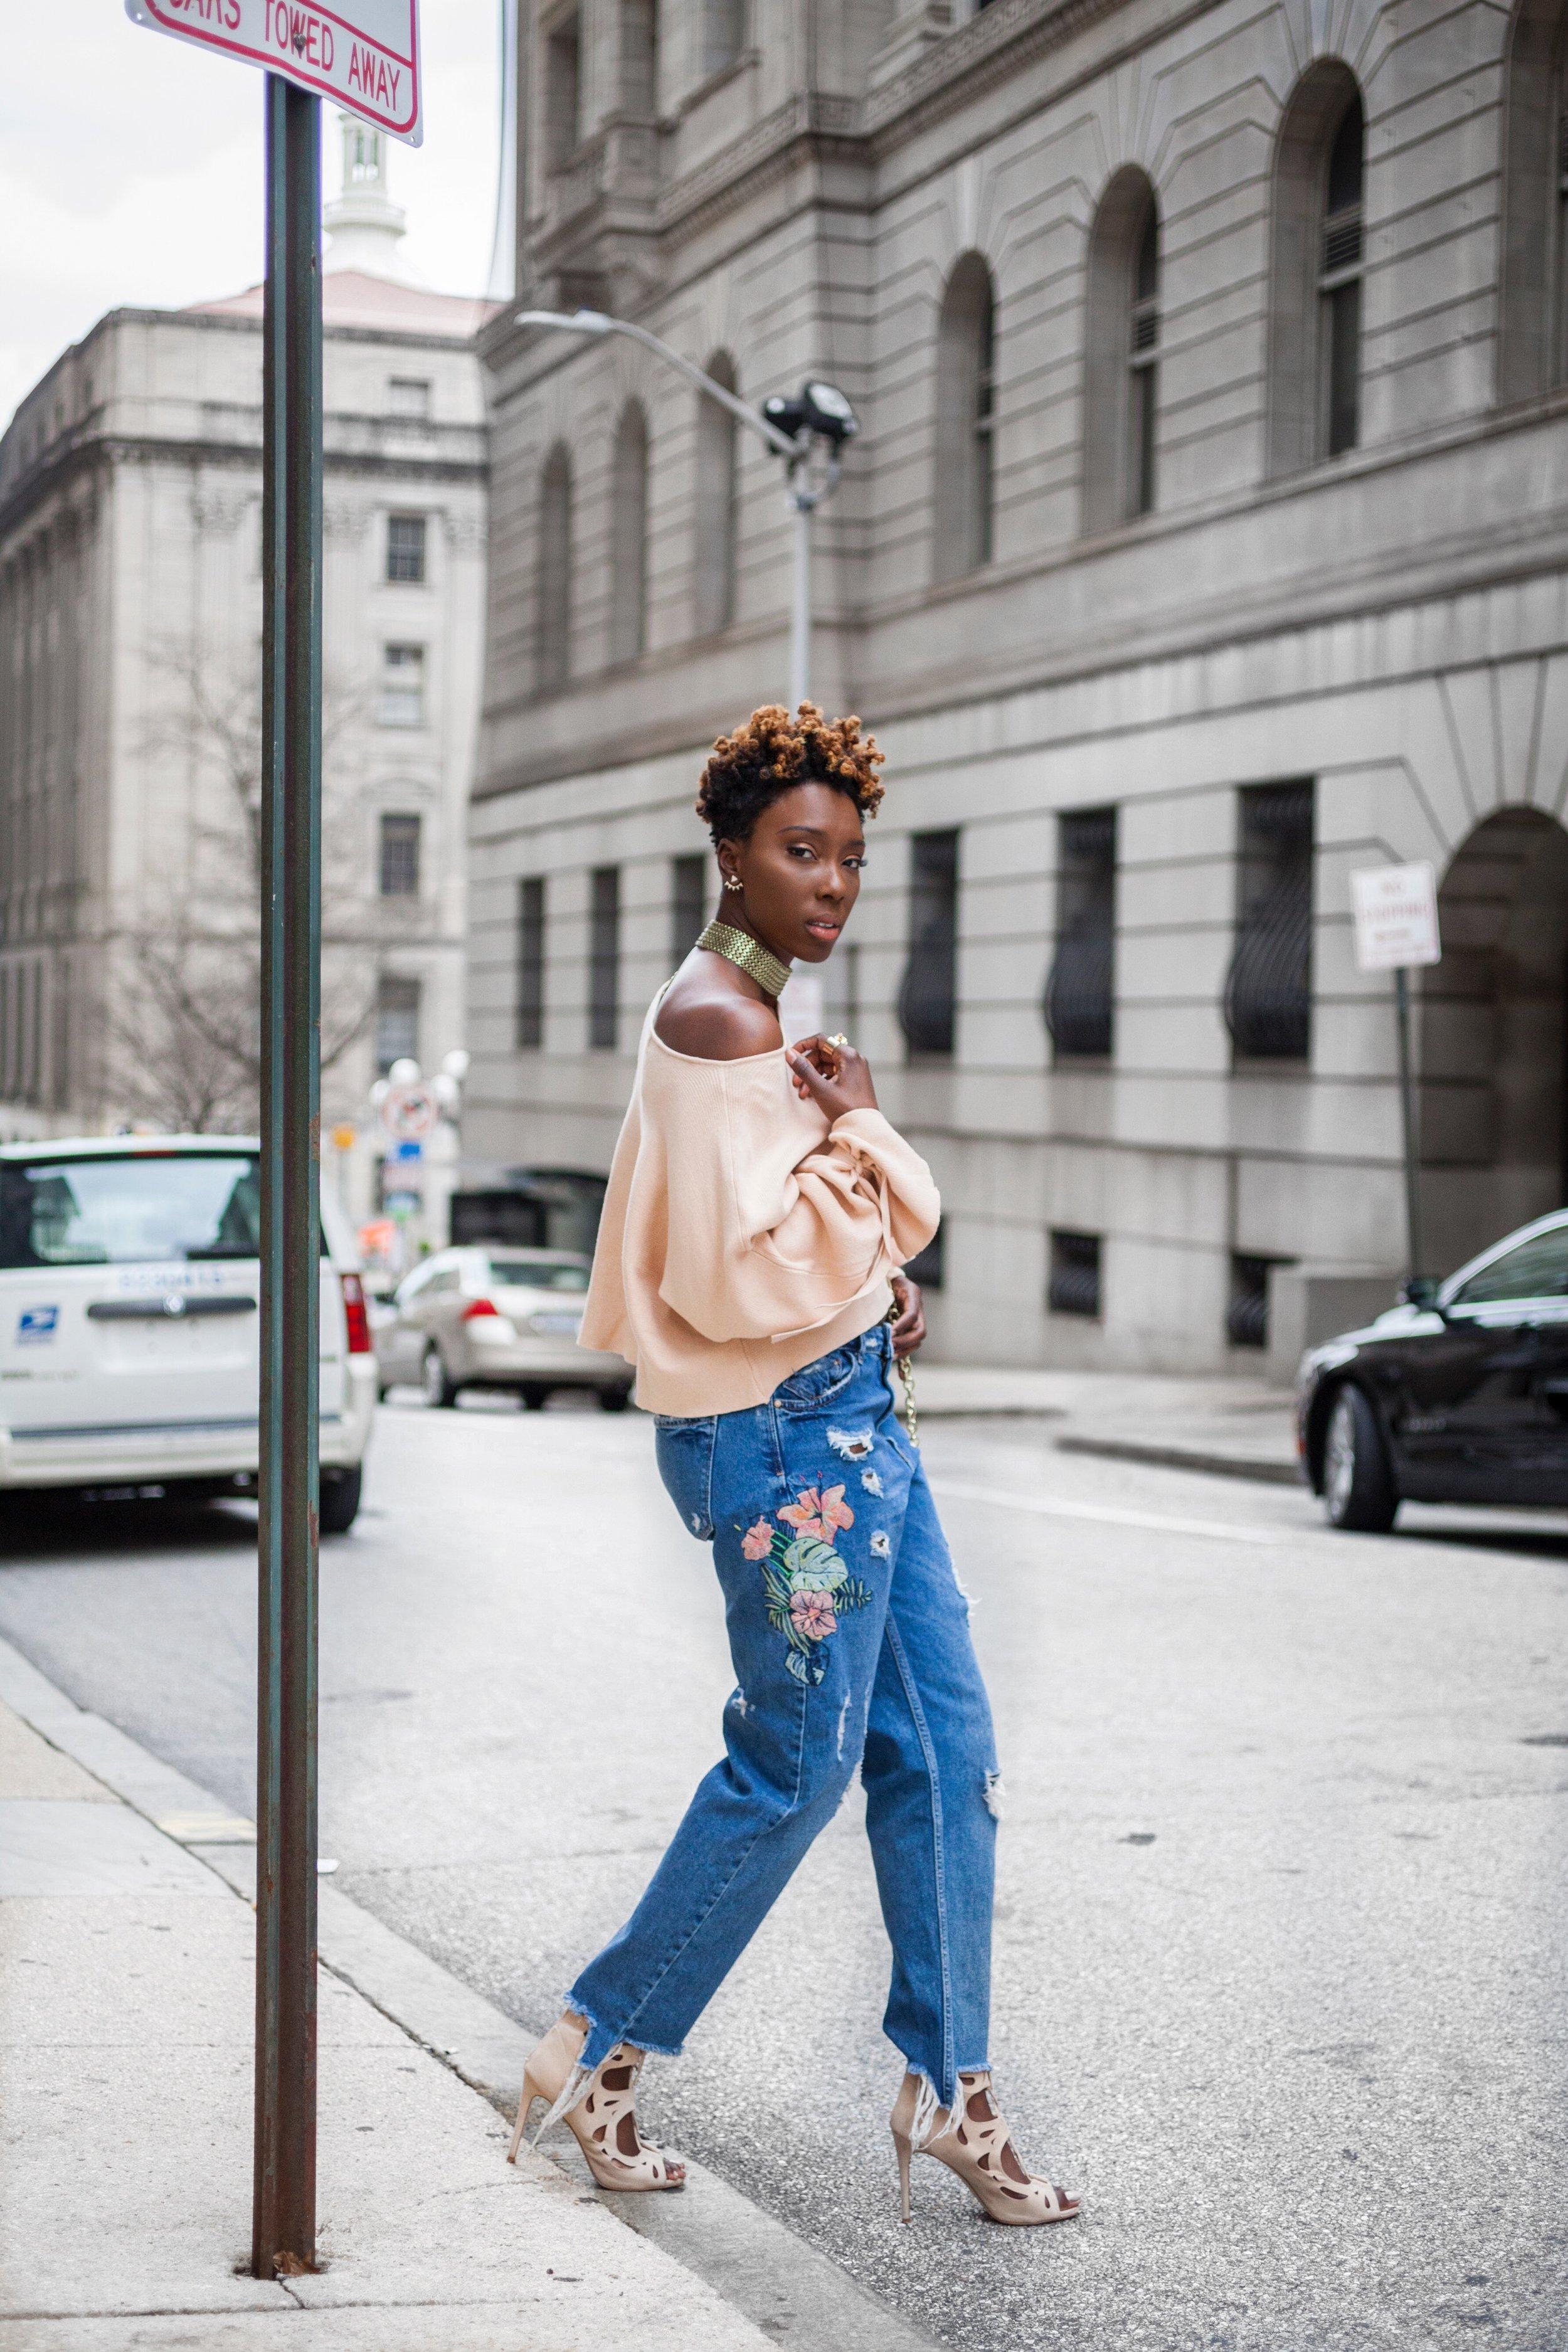 Dayna-Bolden-zara-off-the-shoulder-top-detail-sleeves-zara-patched-denim-jeans-7.jpg